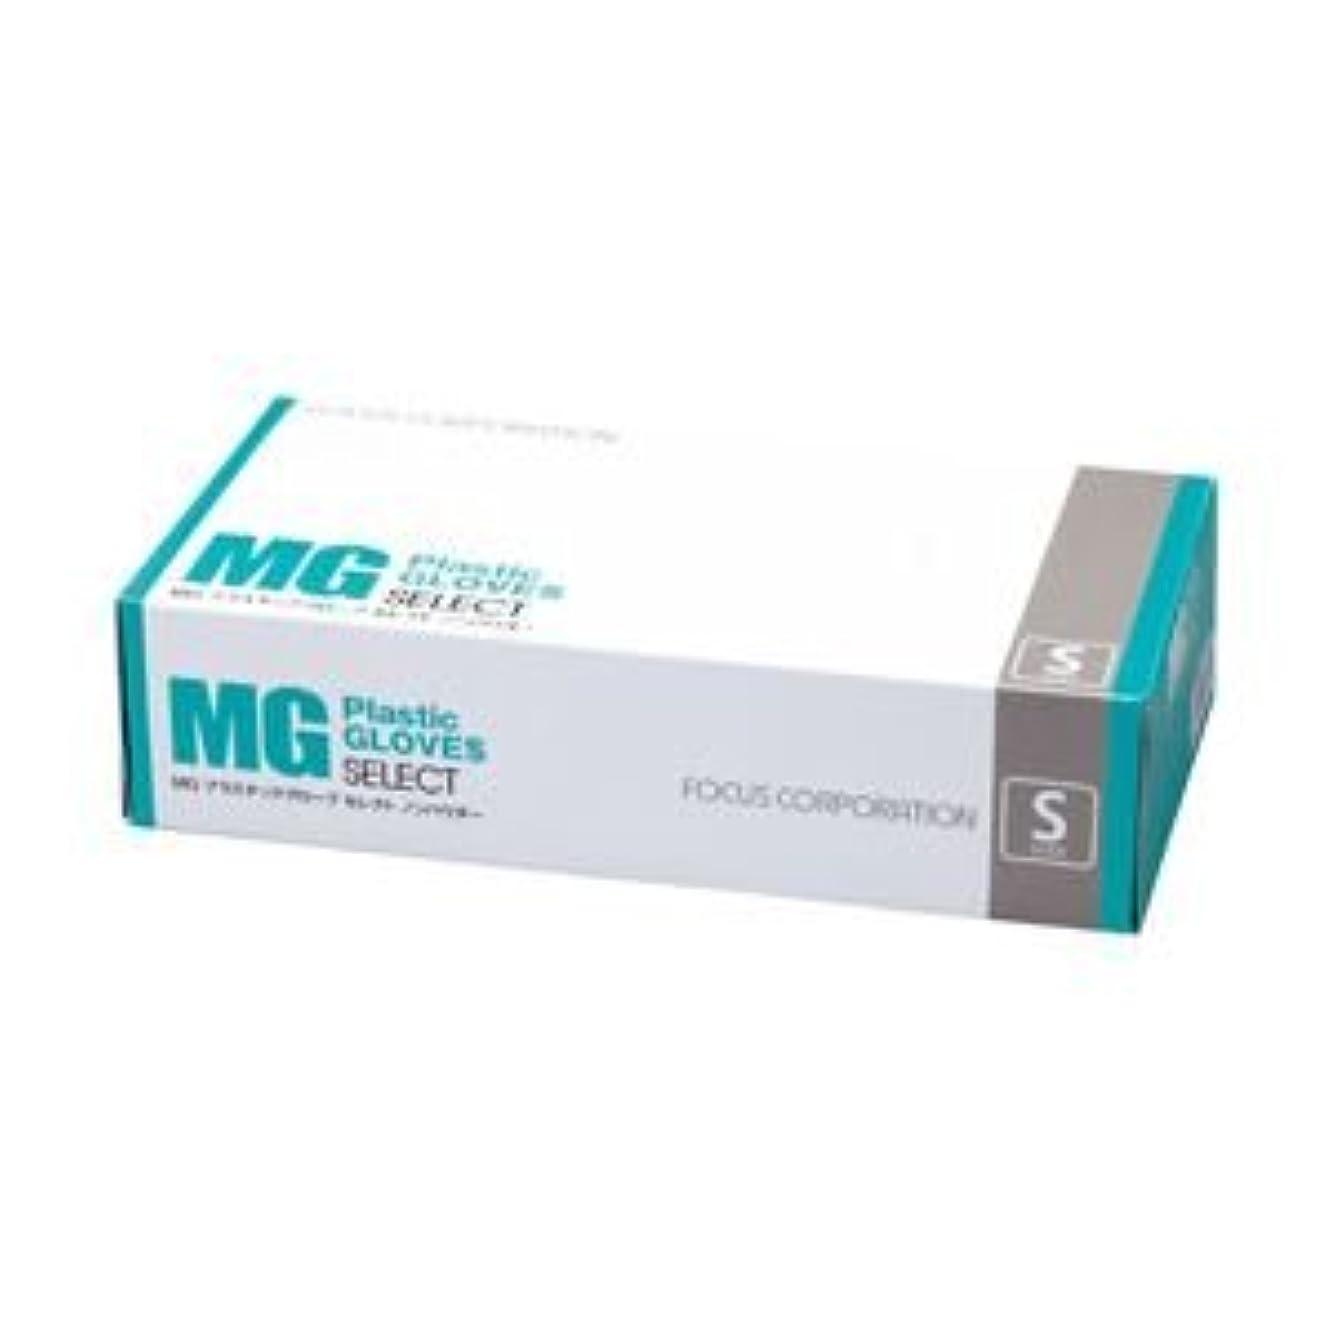 南極世辞絶壁フォーカス (業務用セット) MGプラスチックグローブSELECT 粉なし 半透明 1箱(100枚) Sサイズ (×10セット)